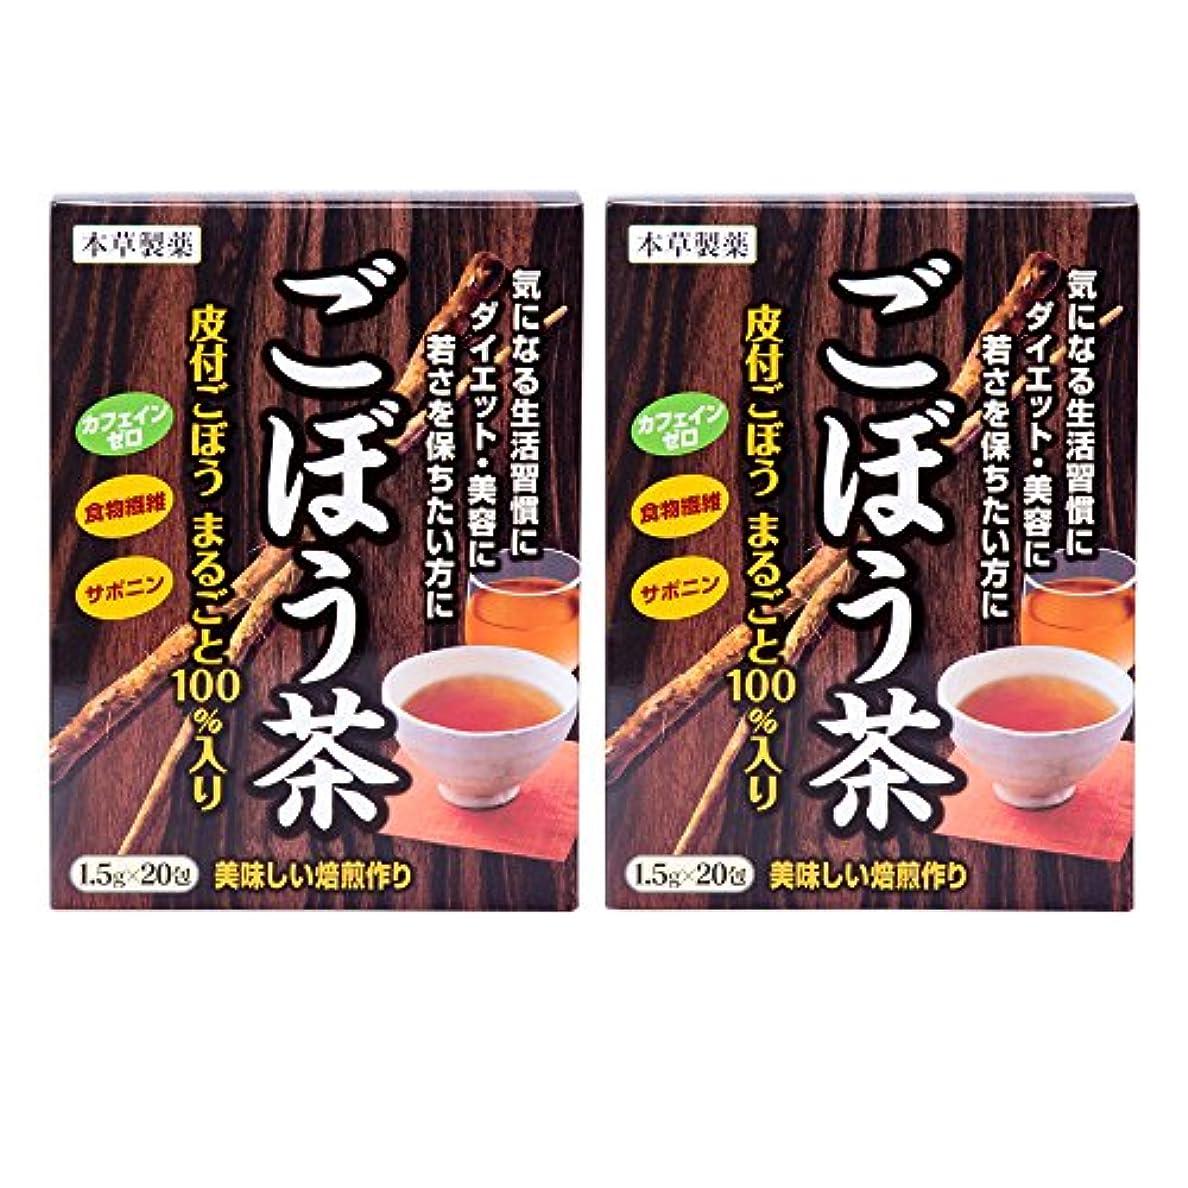 因子ブレイズ許可本草製薬 ごぼう茶 2個セット